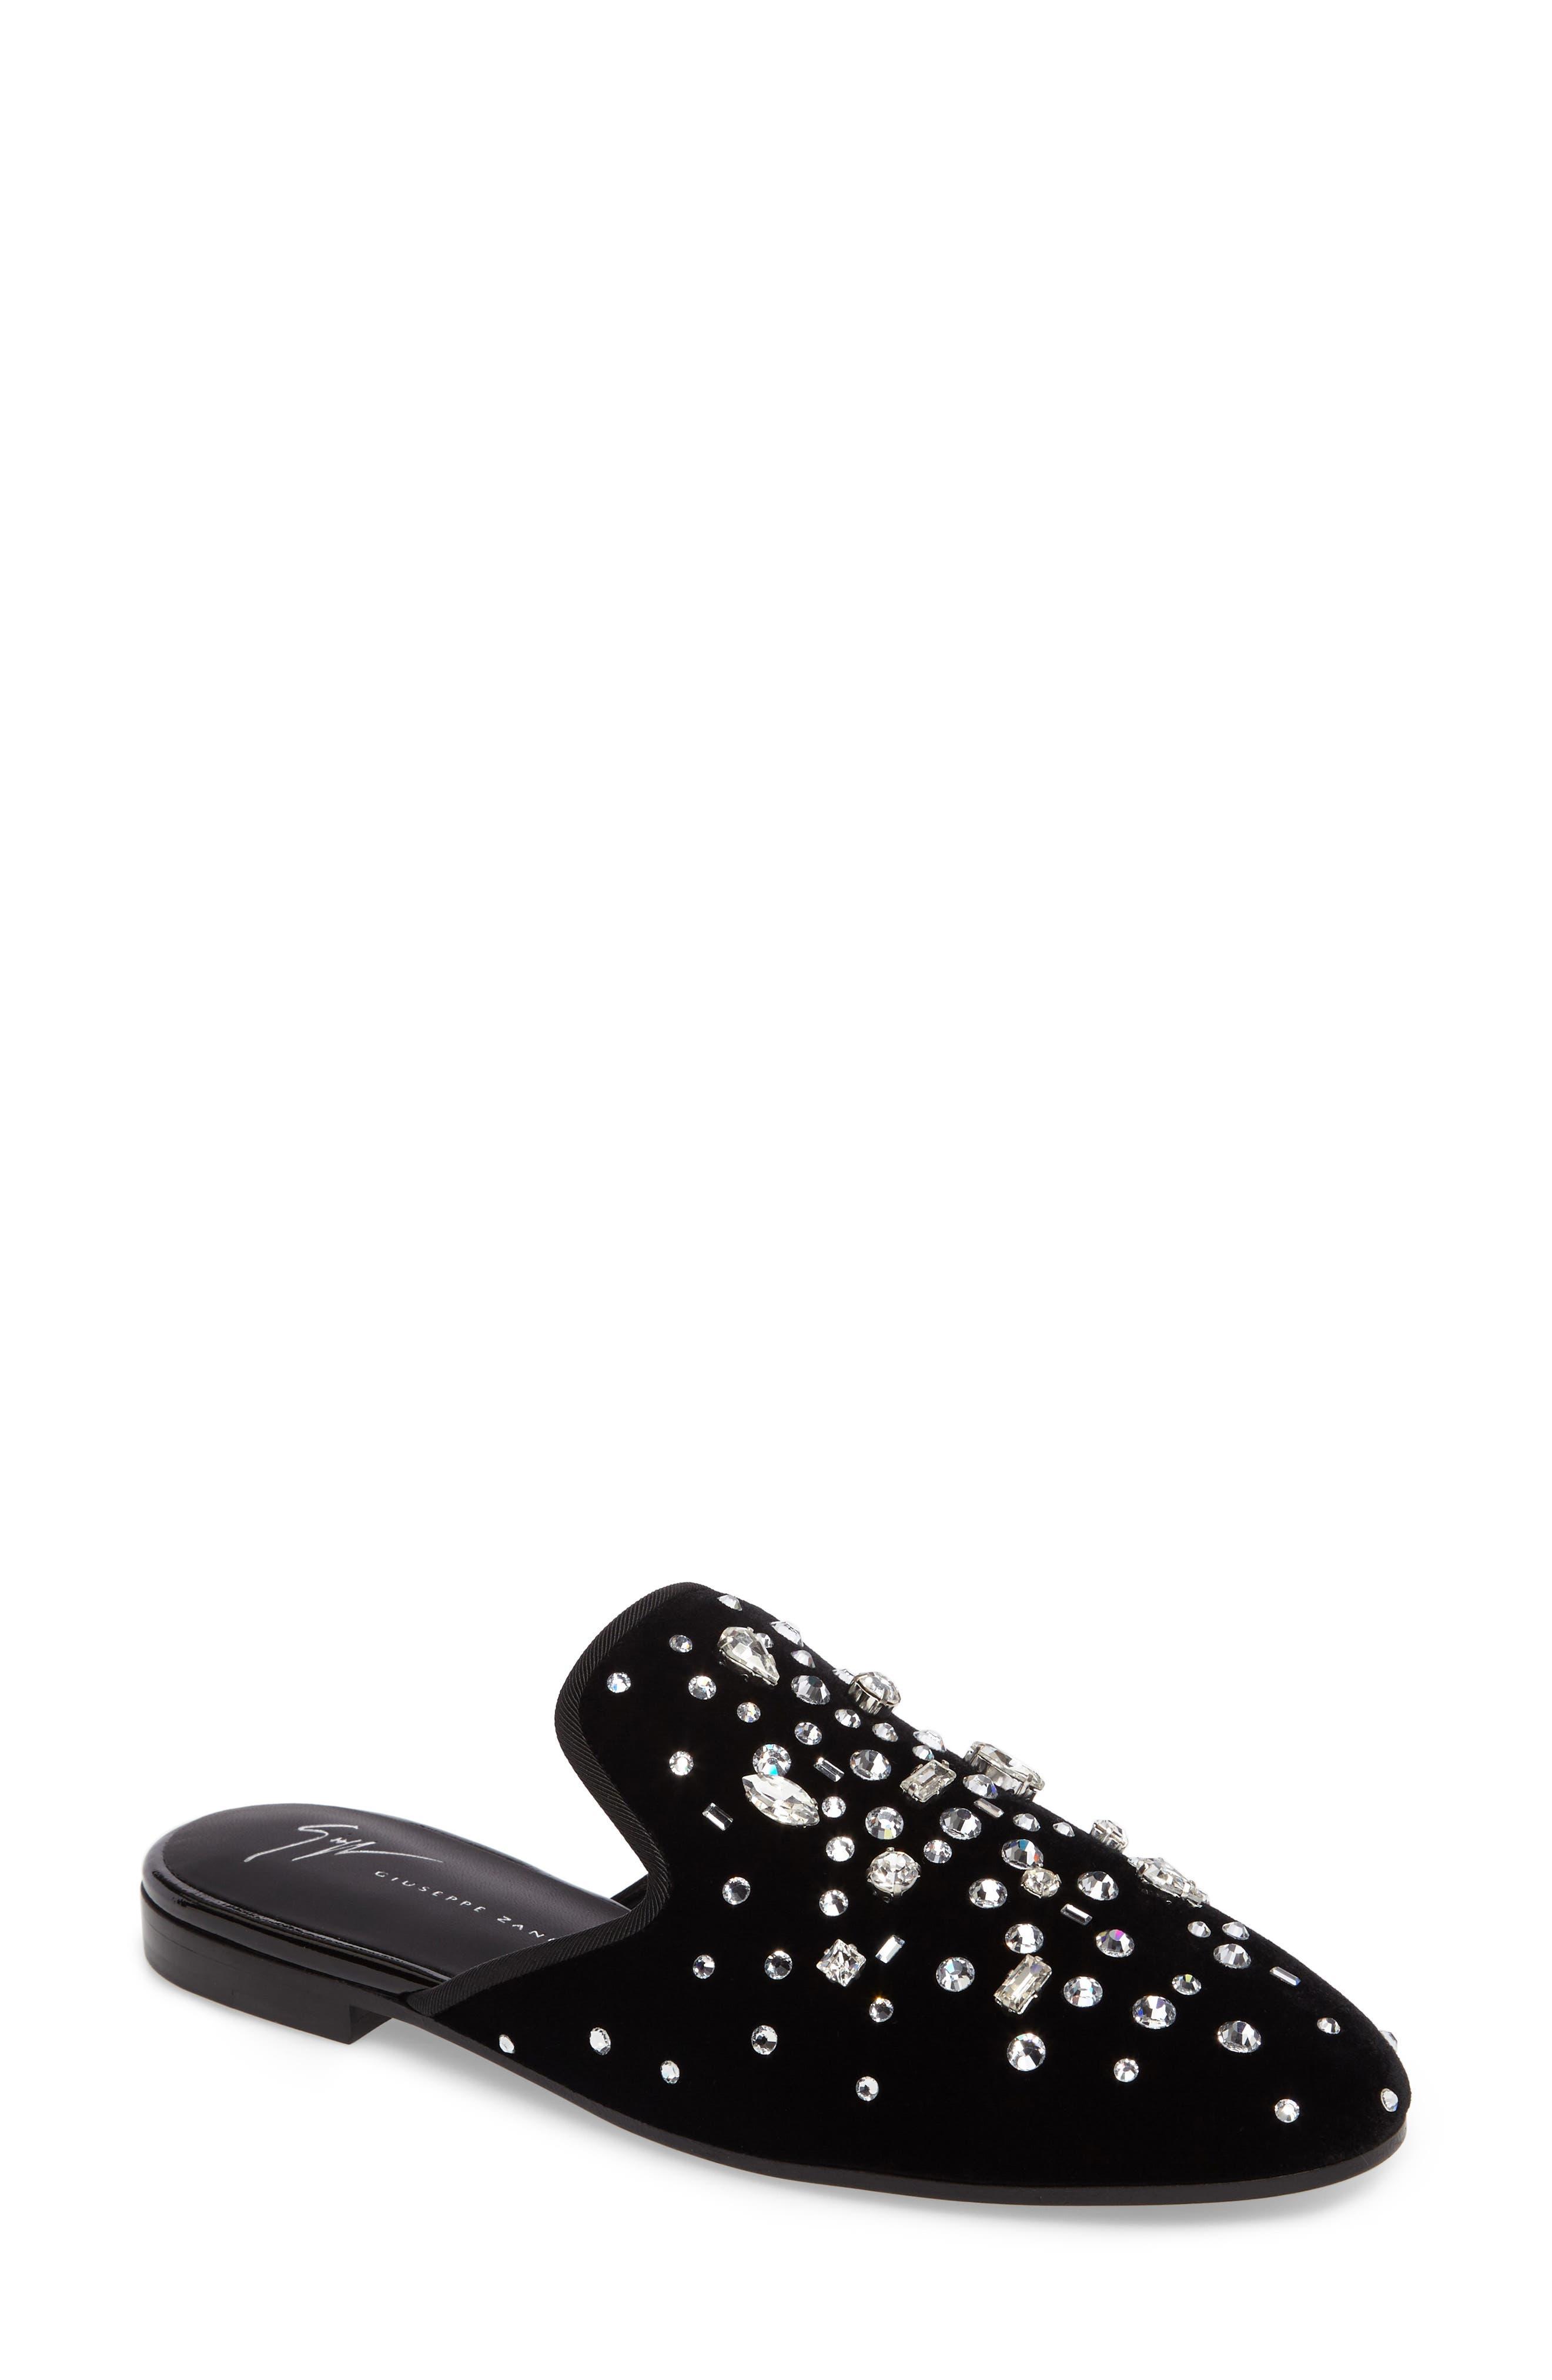 Main Image - Giuseppe Zanotti Embellished Velvet Loafer Mule (Women)